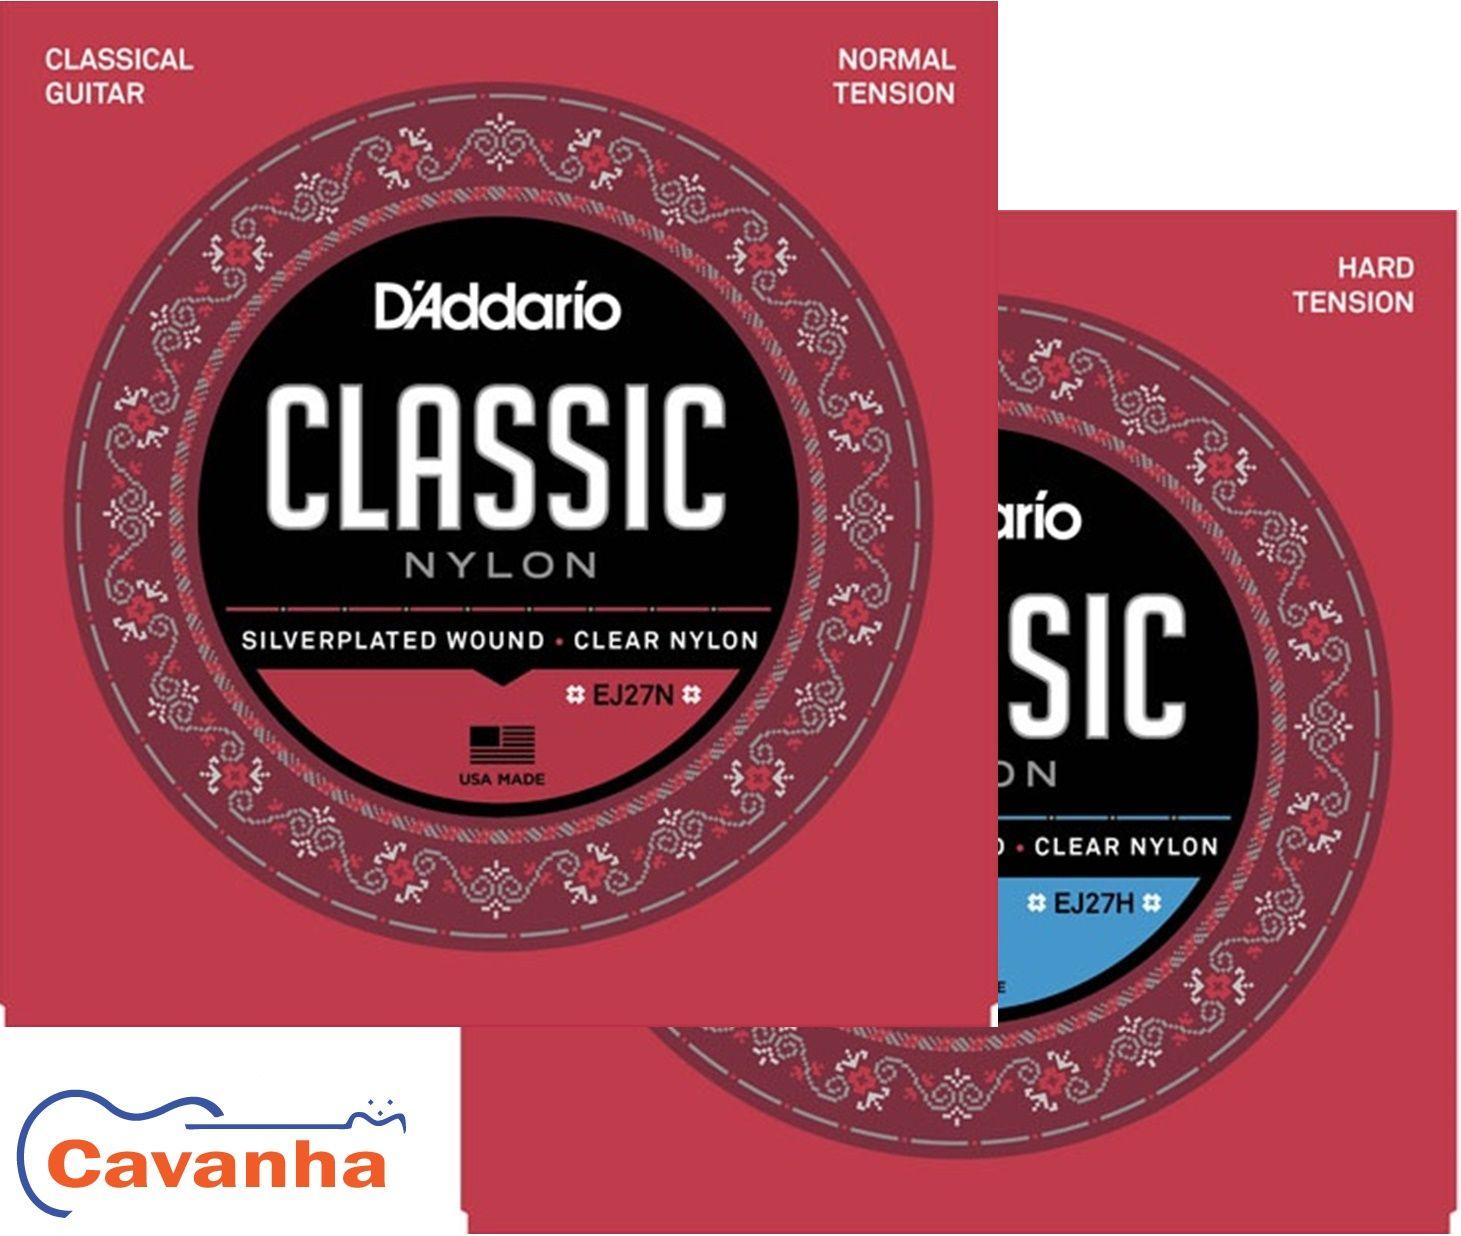 Encordoamento Daddario Nylon Student Classics Ej27 para violão  - Cavanha Acessorios Musicais